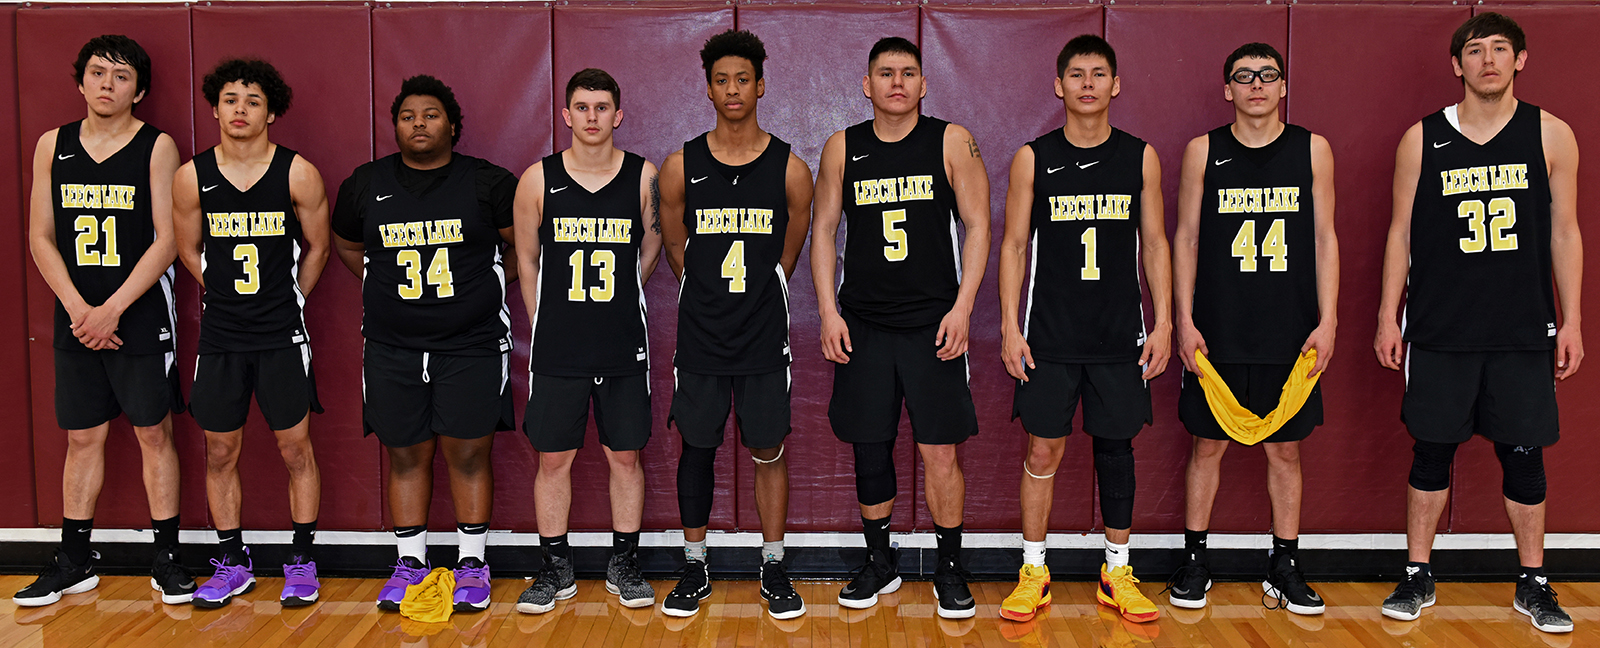 Basketball team - Leech Lake Lakers